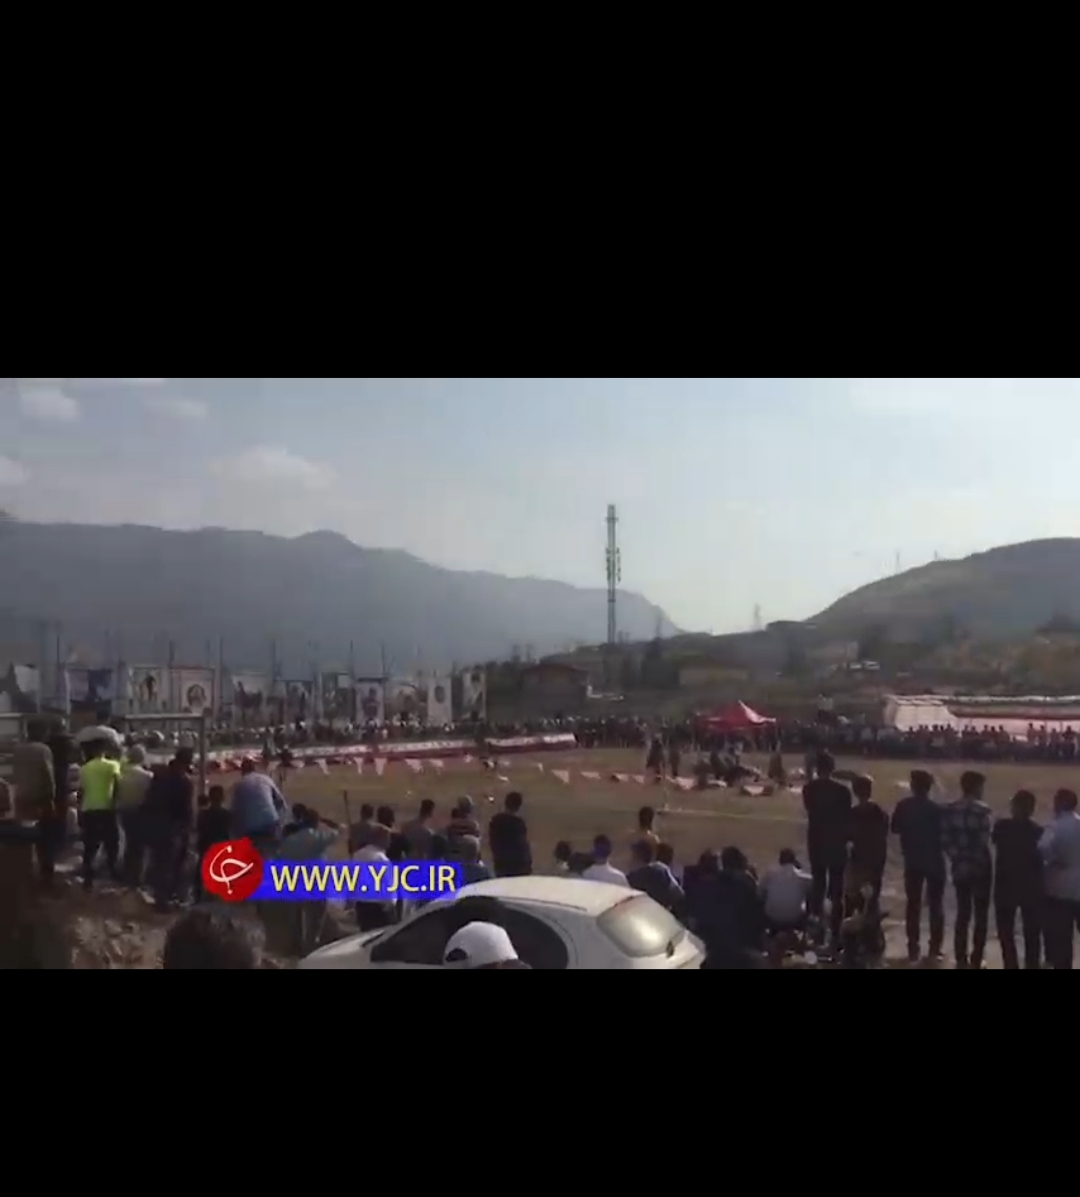 مازندران؛ ازدحام مردم در جشنواره اسب در اوج کرونا + ویدئو